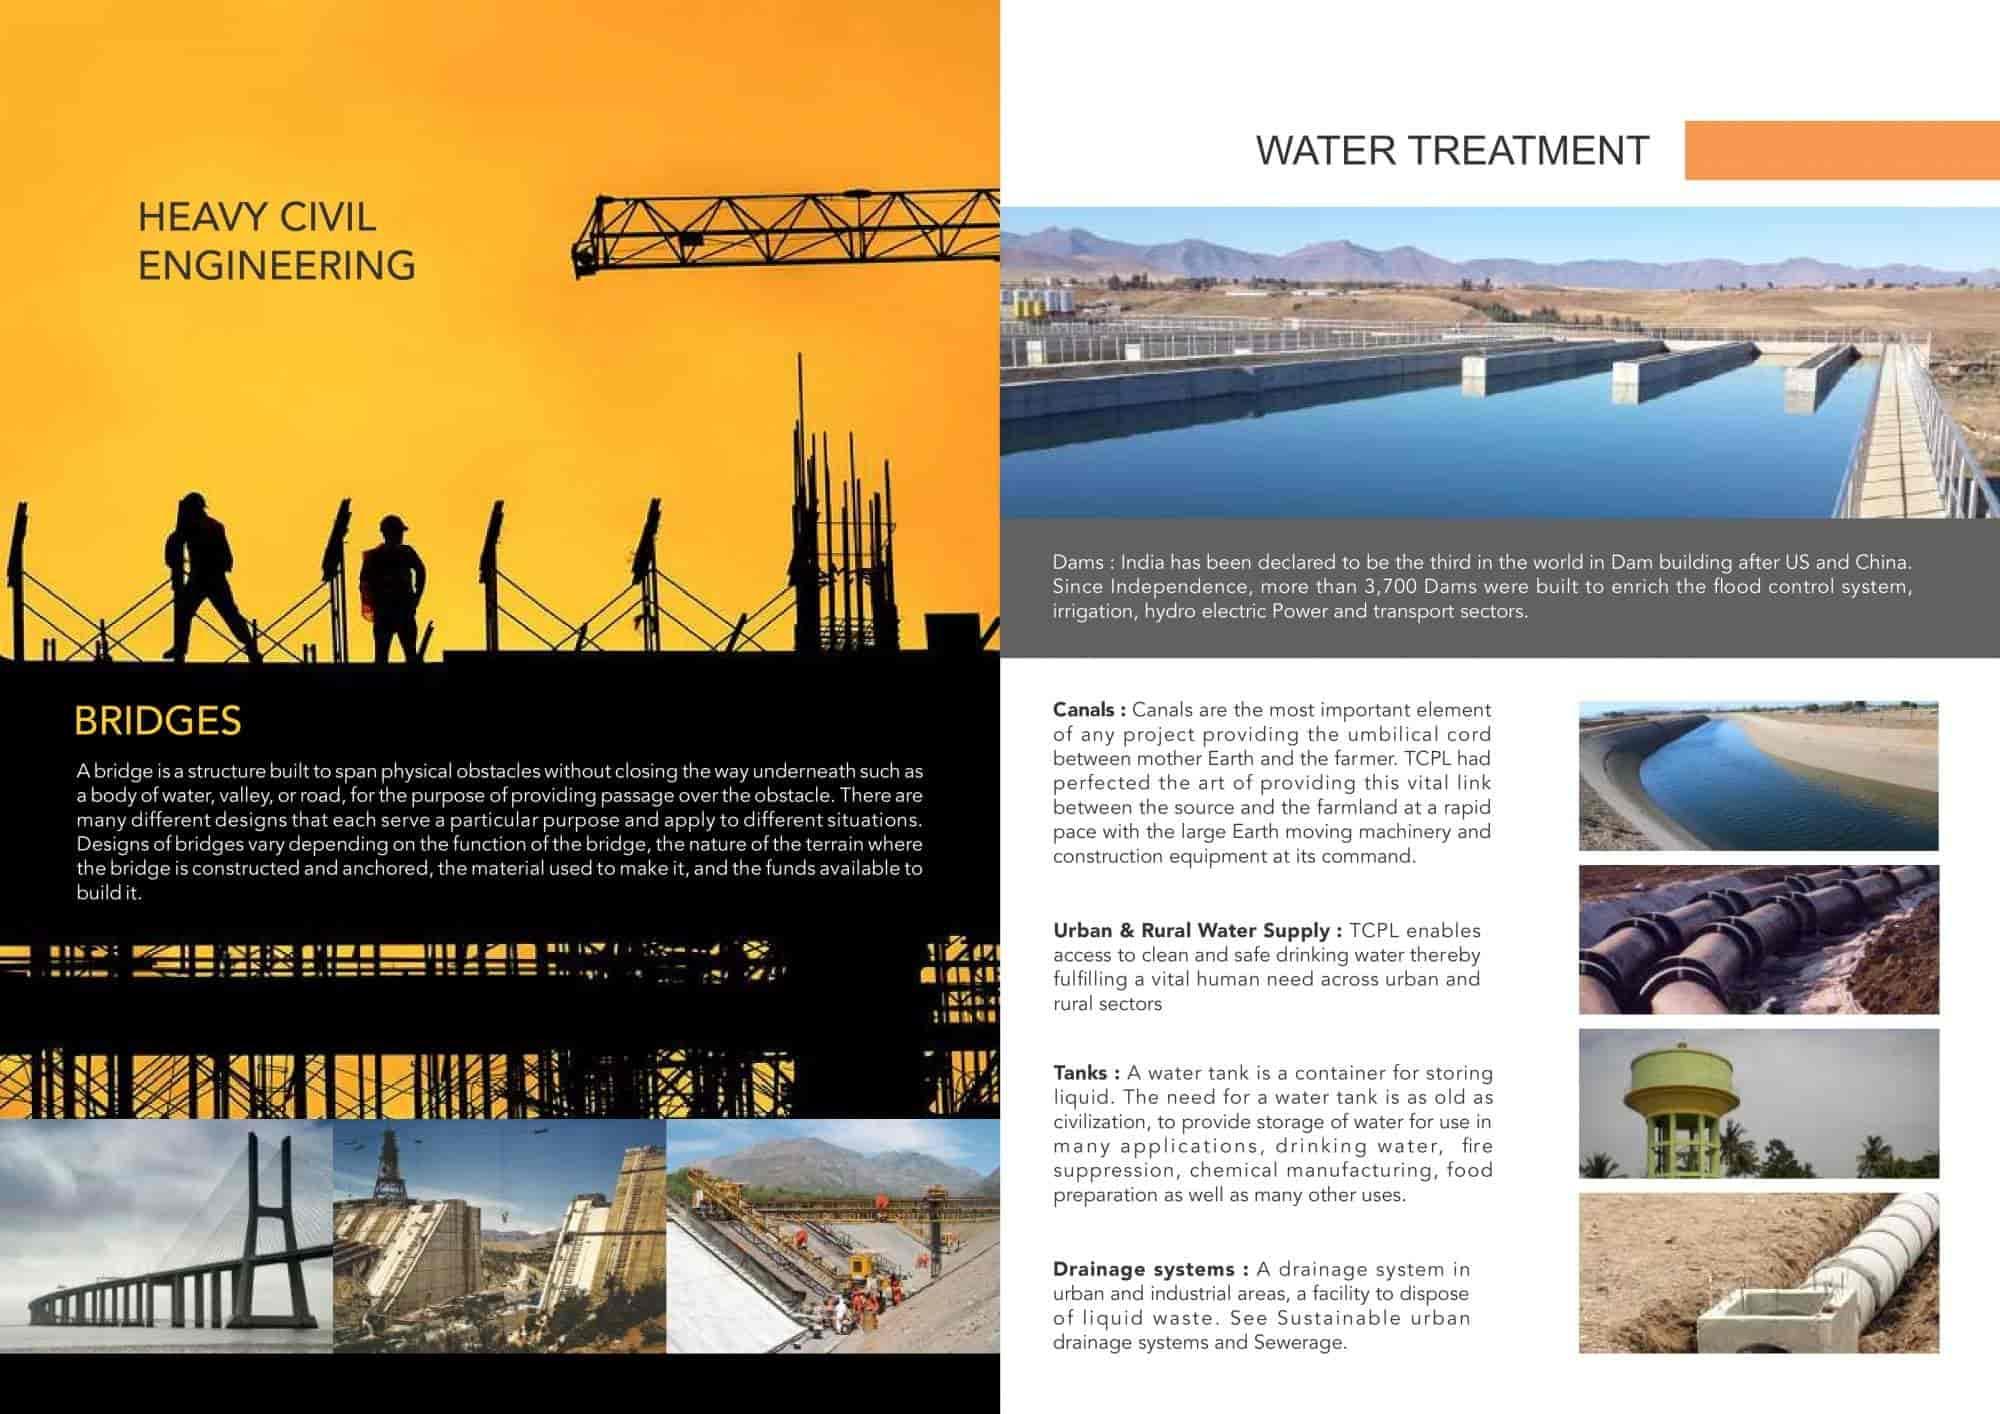 Trant Constructions Pvt Ltd, Kallur Road - Construction